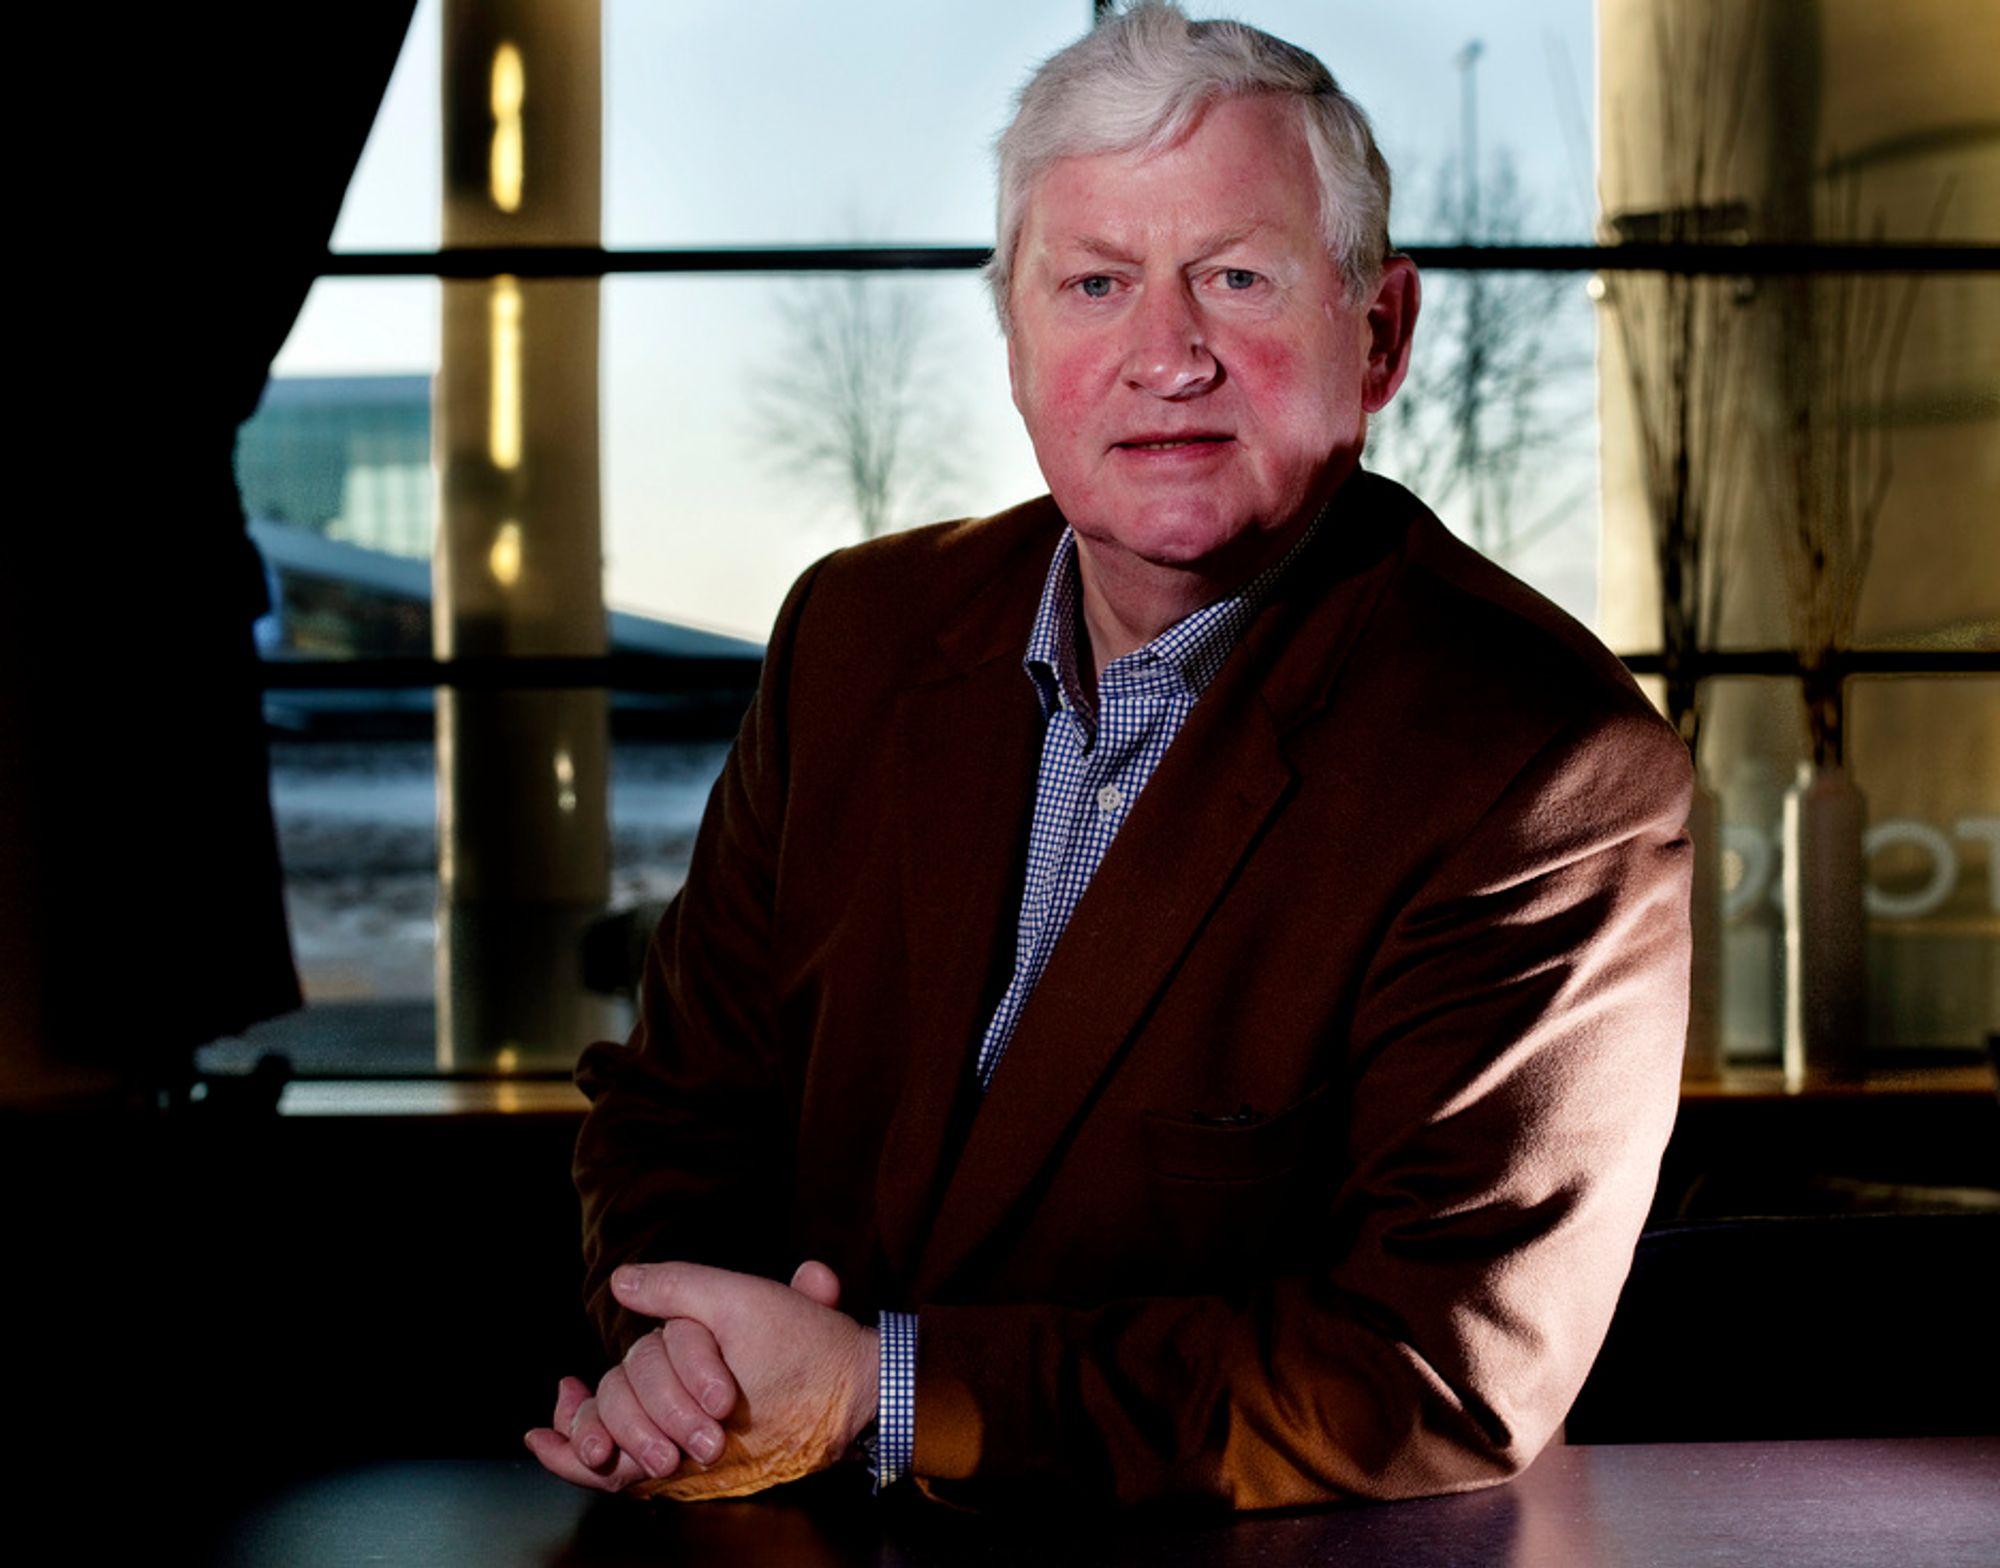 VIL HA FORTGANG: Osmund Ueland mener det er en skam at intercity-arbeidet nesten ikke har kommet lenger i dag enn da han var NSB-sjef.